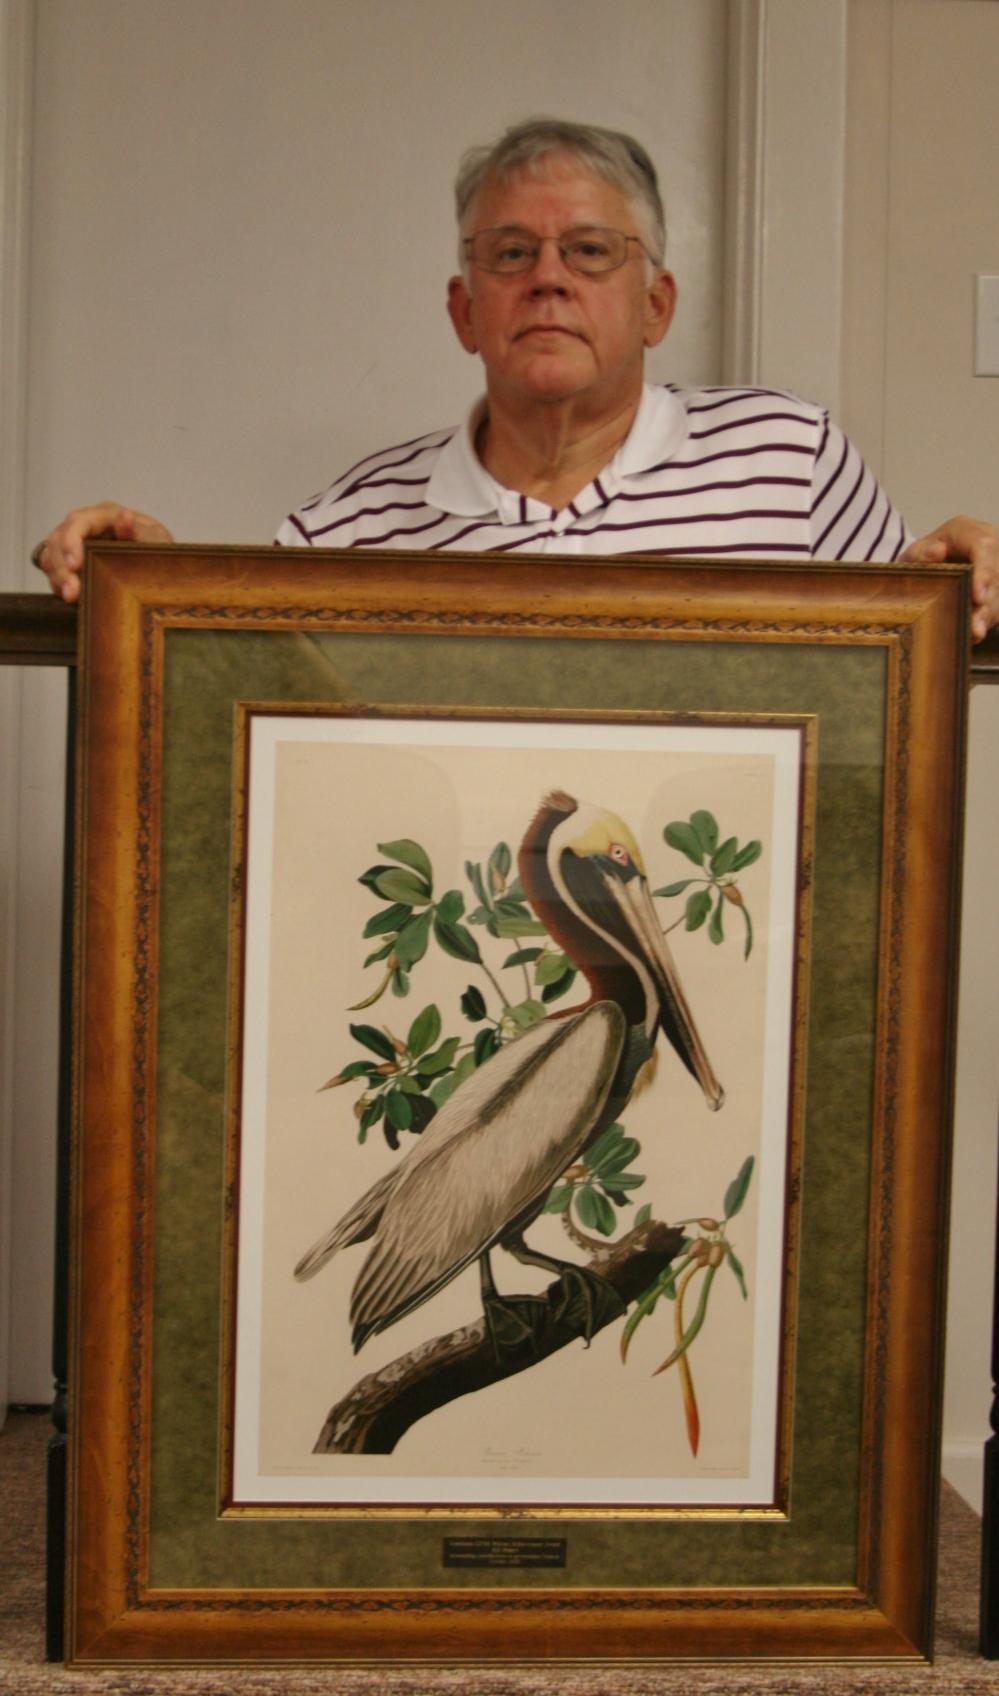 Hebert GFOA Pelican Award